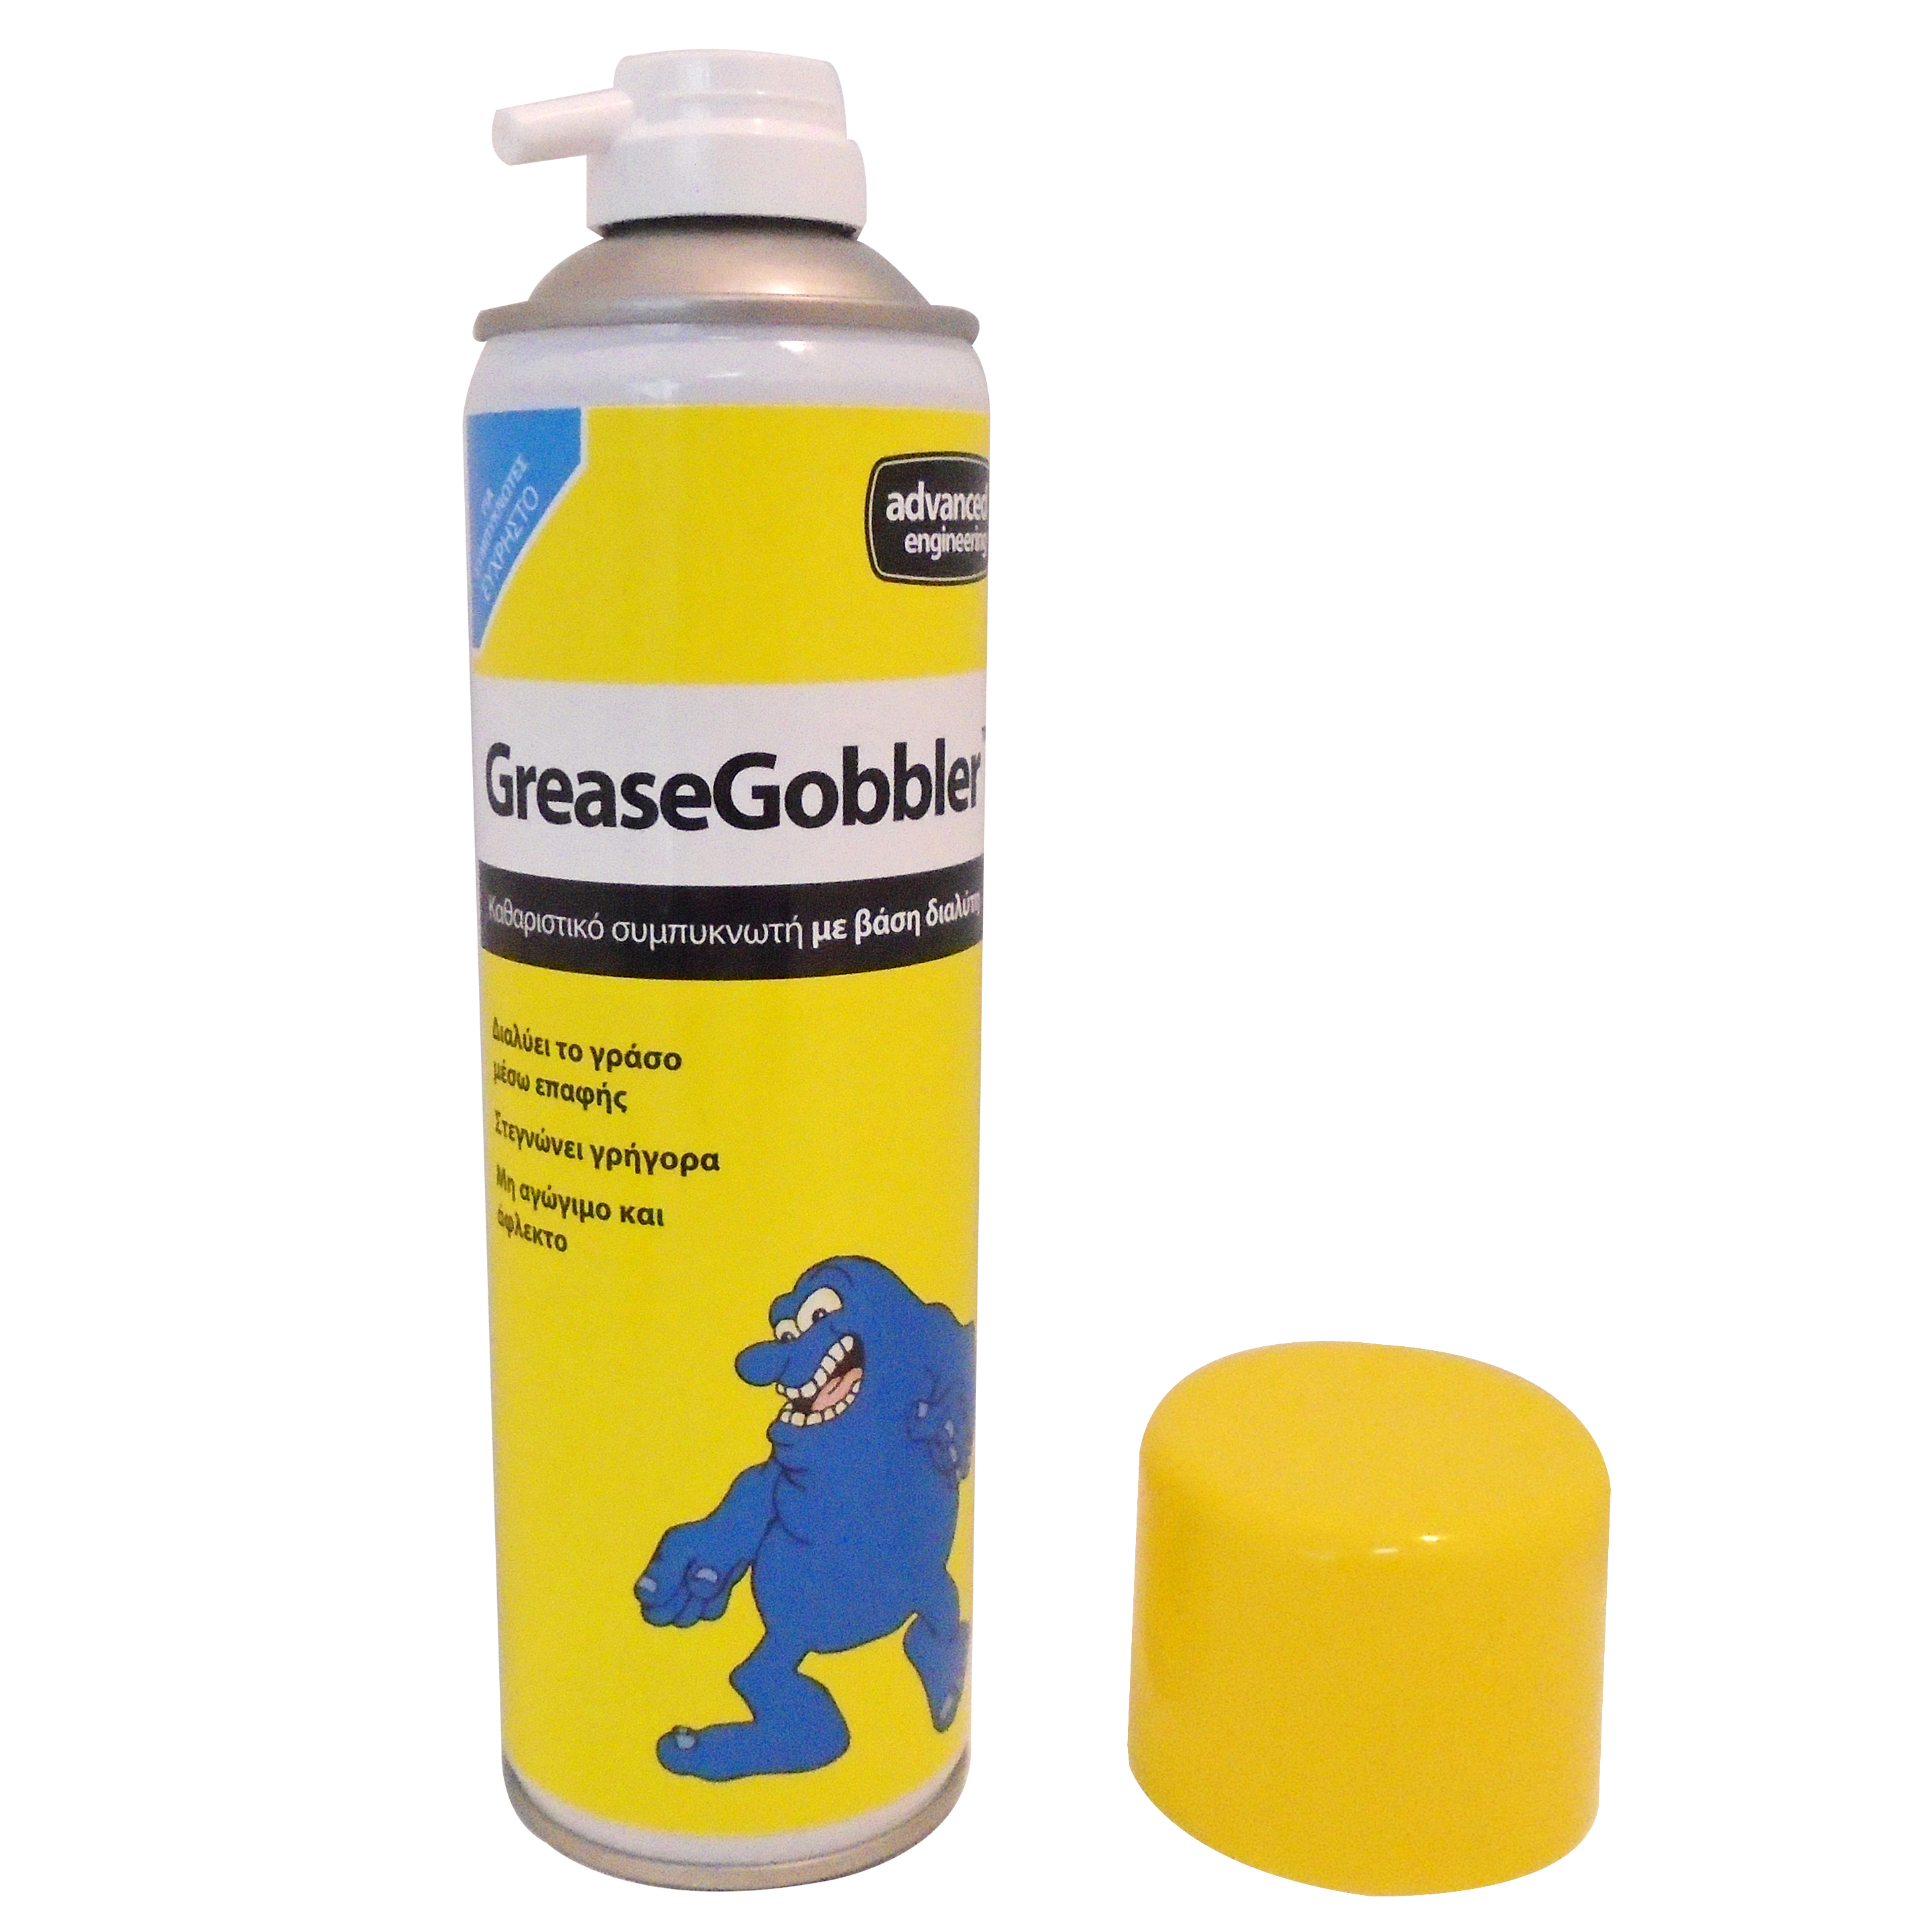 Advanced Engineering GreaseGobbler Spray Καθαρισμού Επιφανειών Από Λάδι & Γράσο κλιματισμός    καθαριστικά κλιματιστικών a c